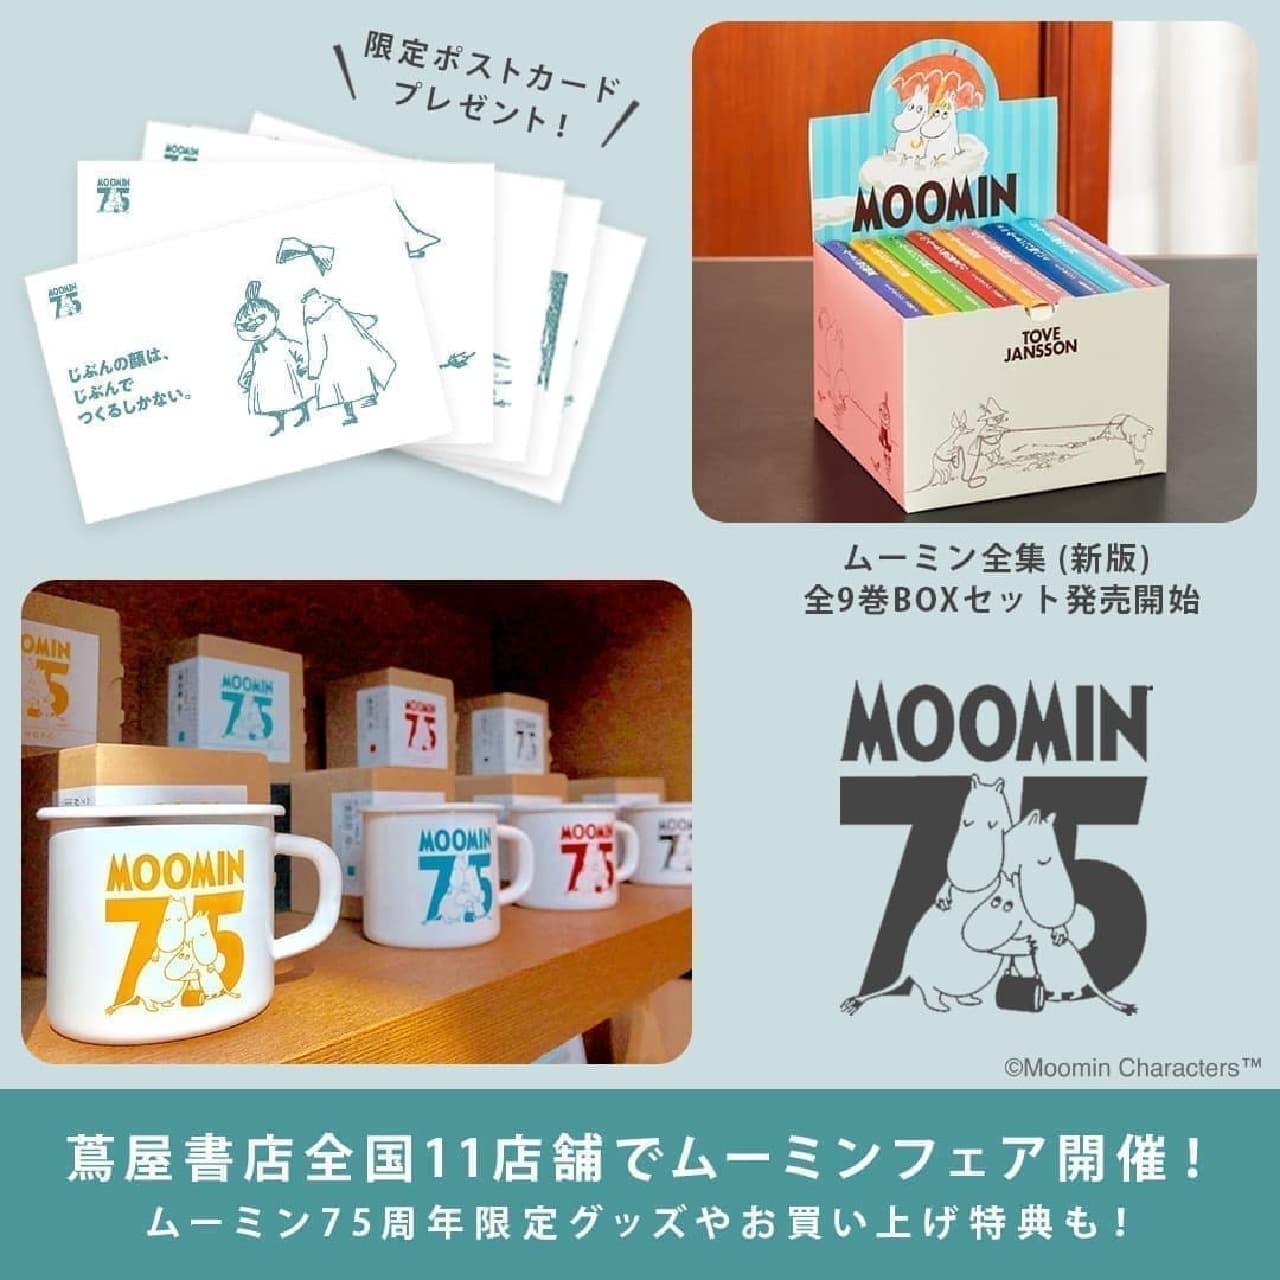 蔦屋書店が「ムーミンフェア」開催 -- ムーミン75周年記念の雑貨やポストカードなど